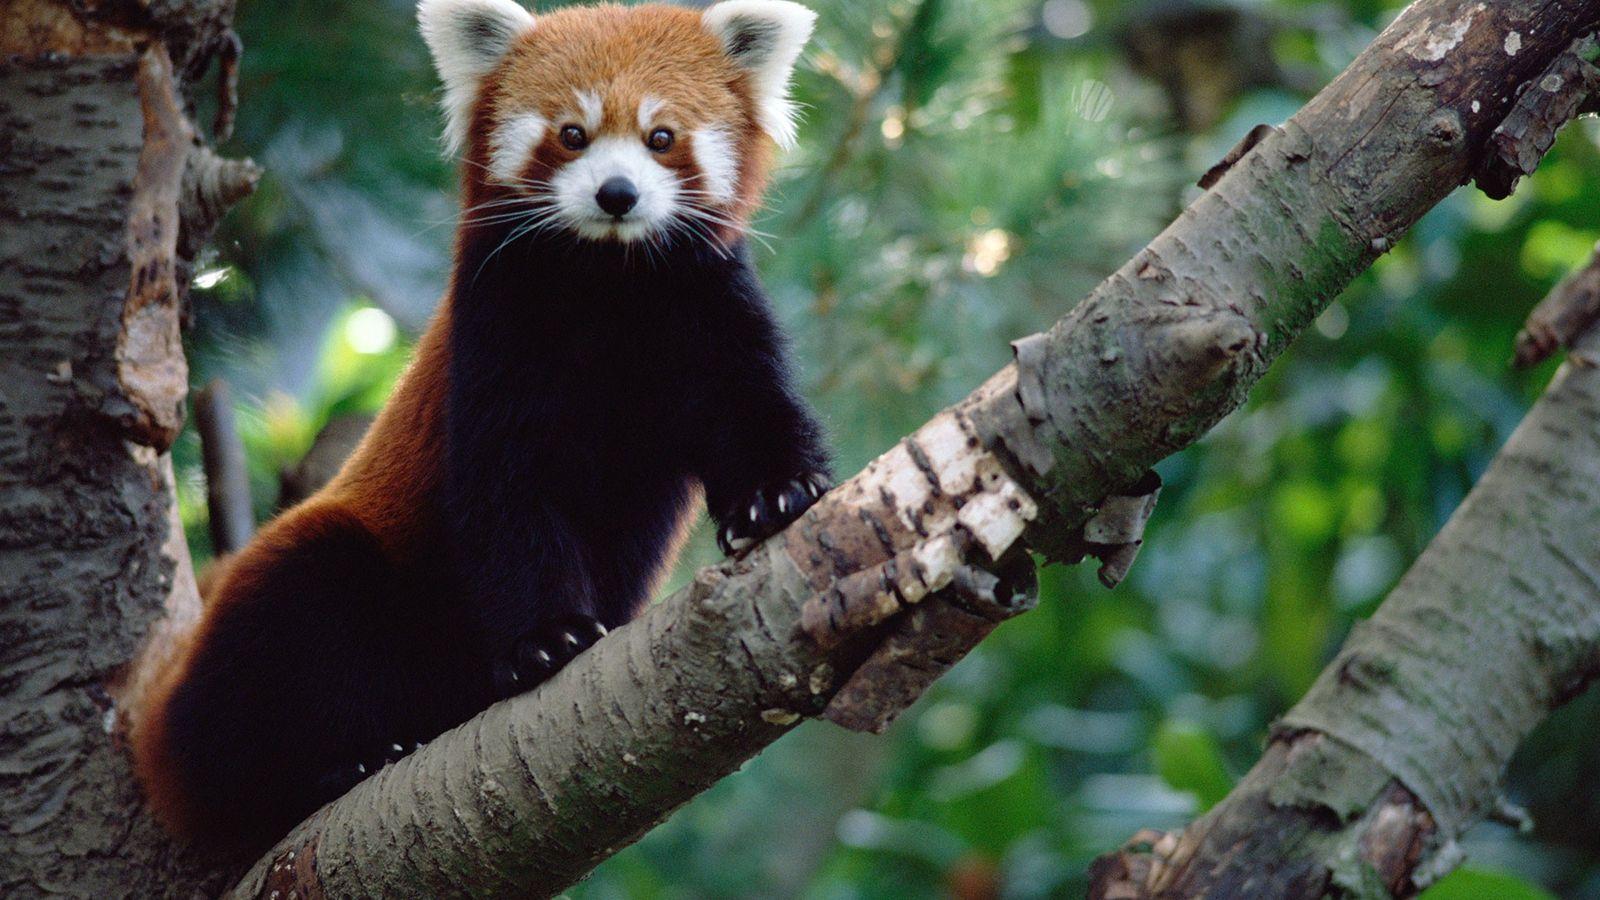 Pandas-vermelhos representam 31 milhões de anos de história evolucionária única, que agora está ameaçada.